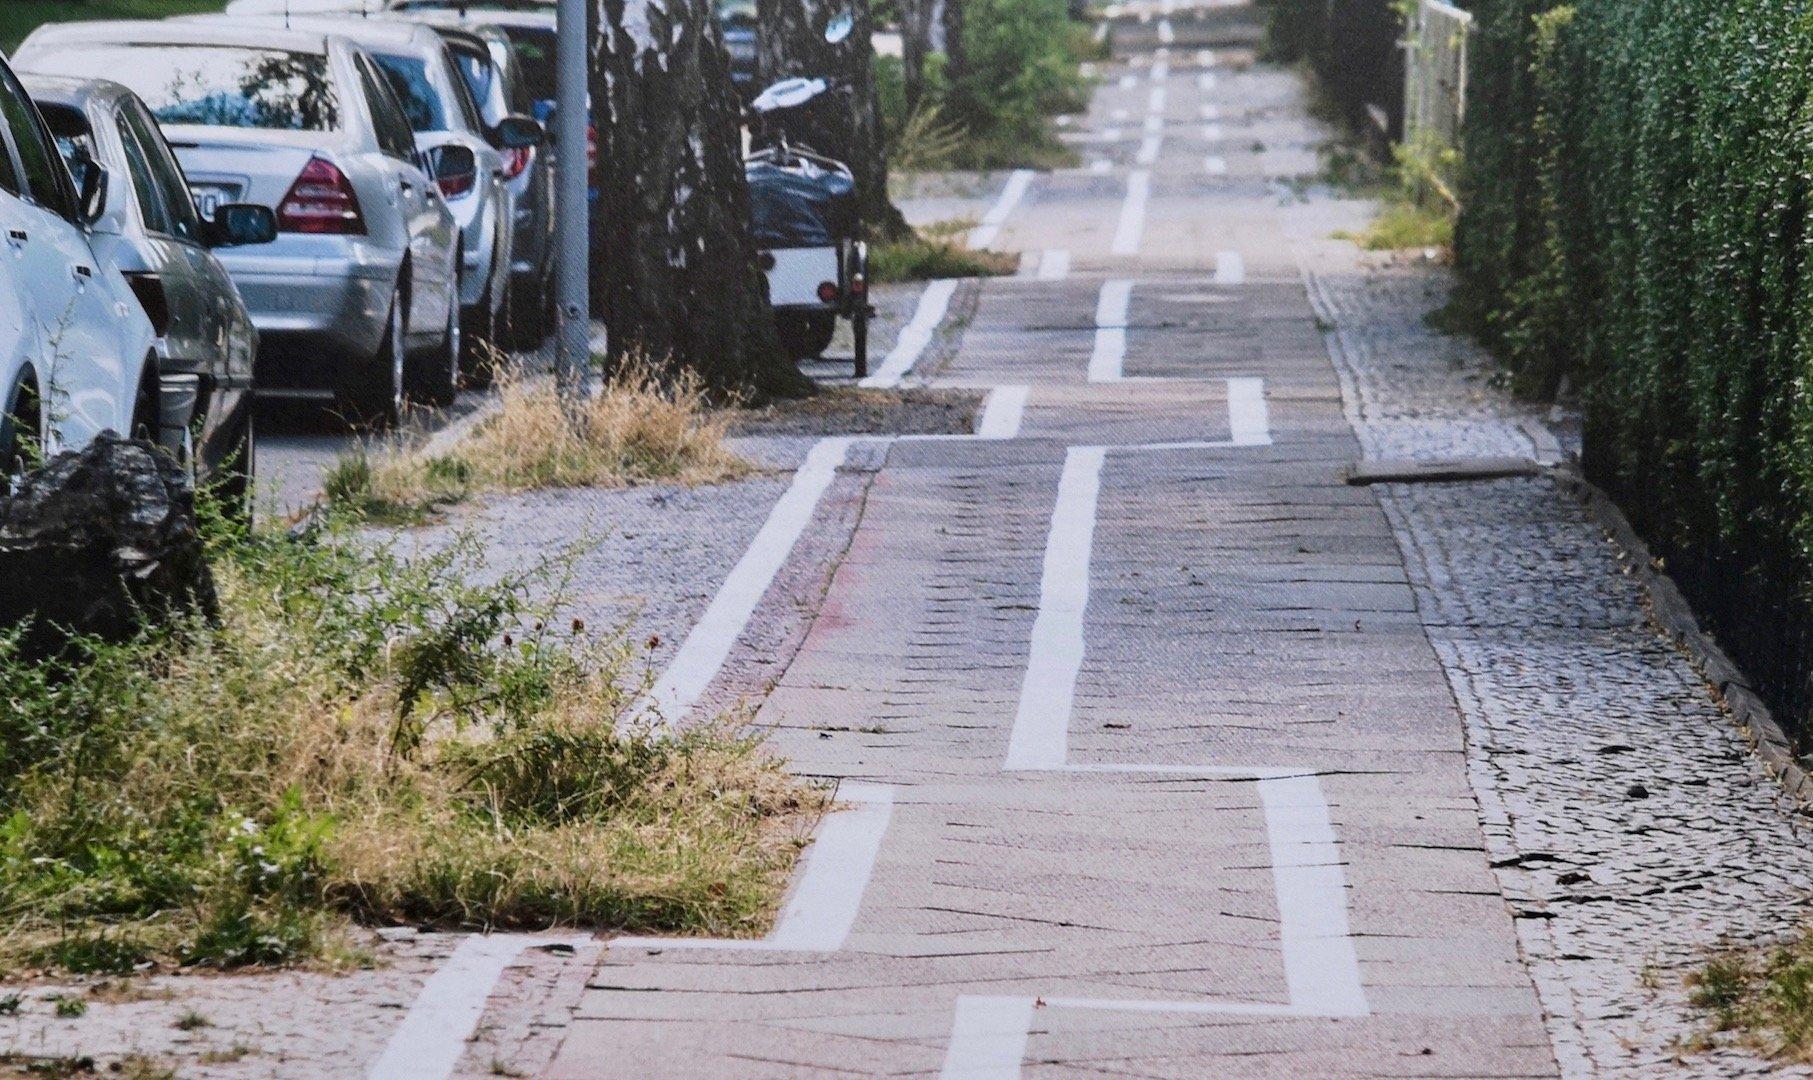 Blick auf einen Radweg mit einem zickzack-ähnlichen Pflastermuster.